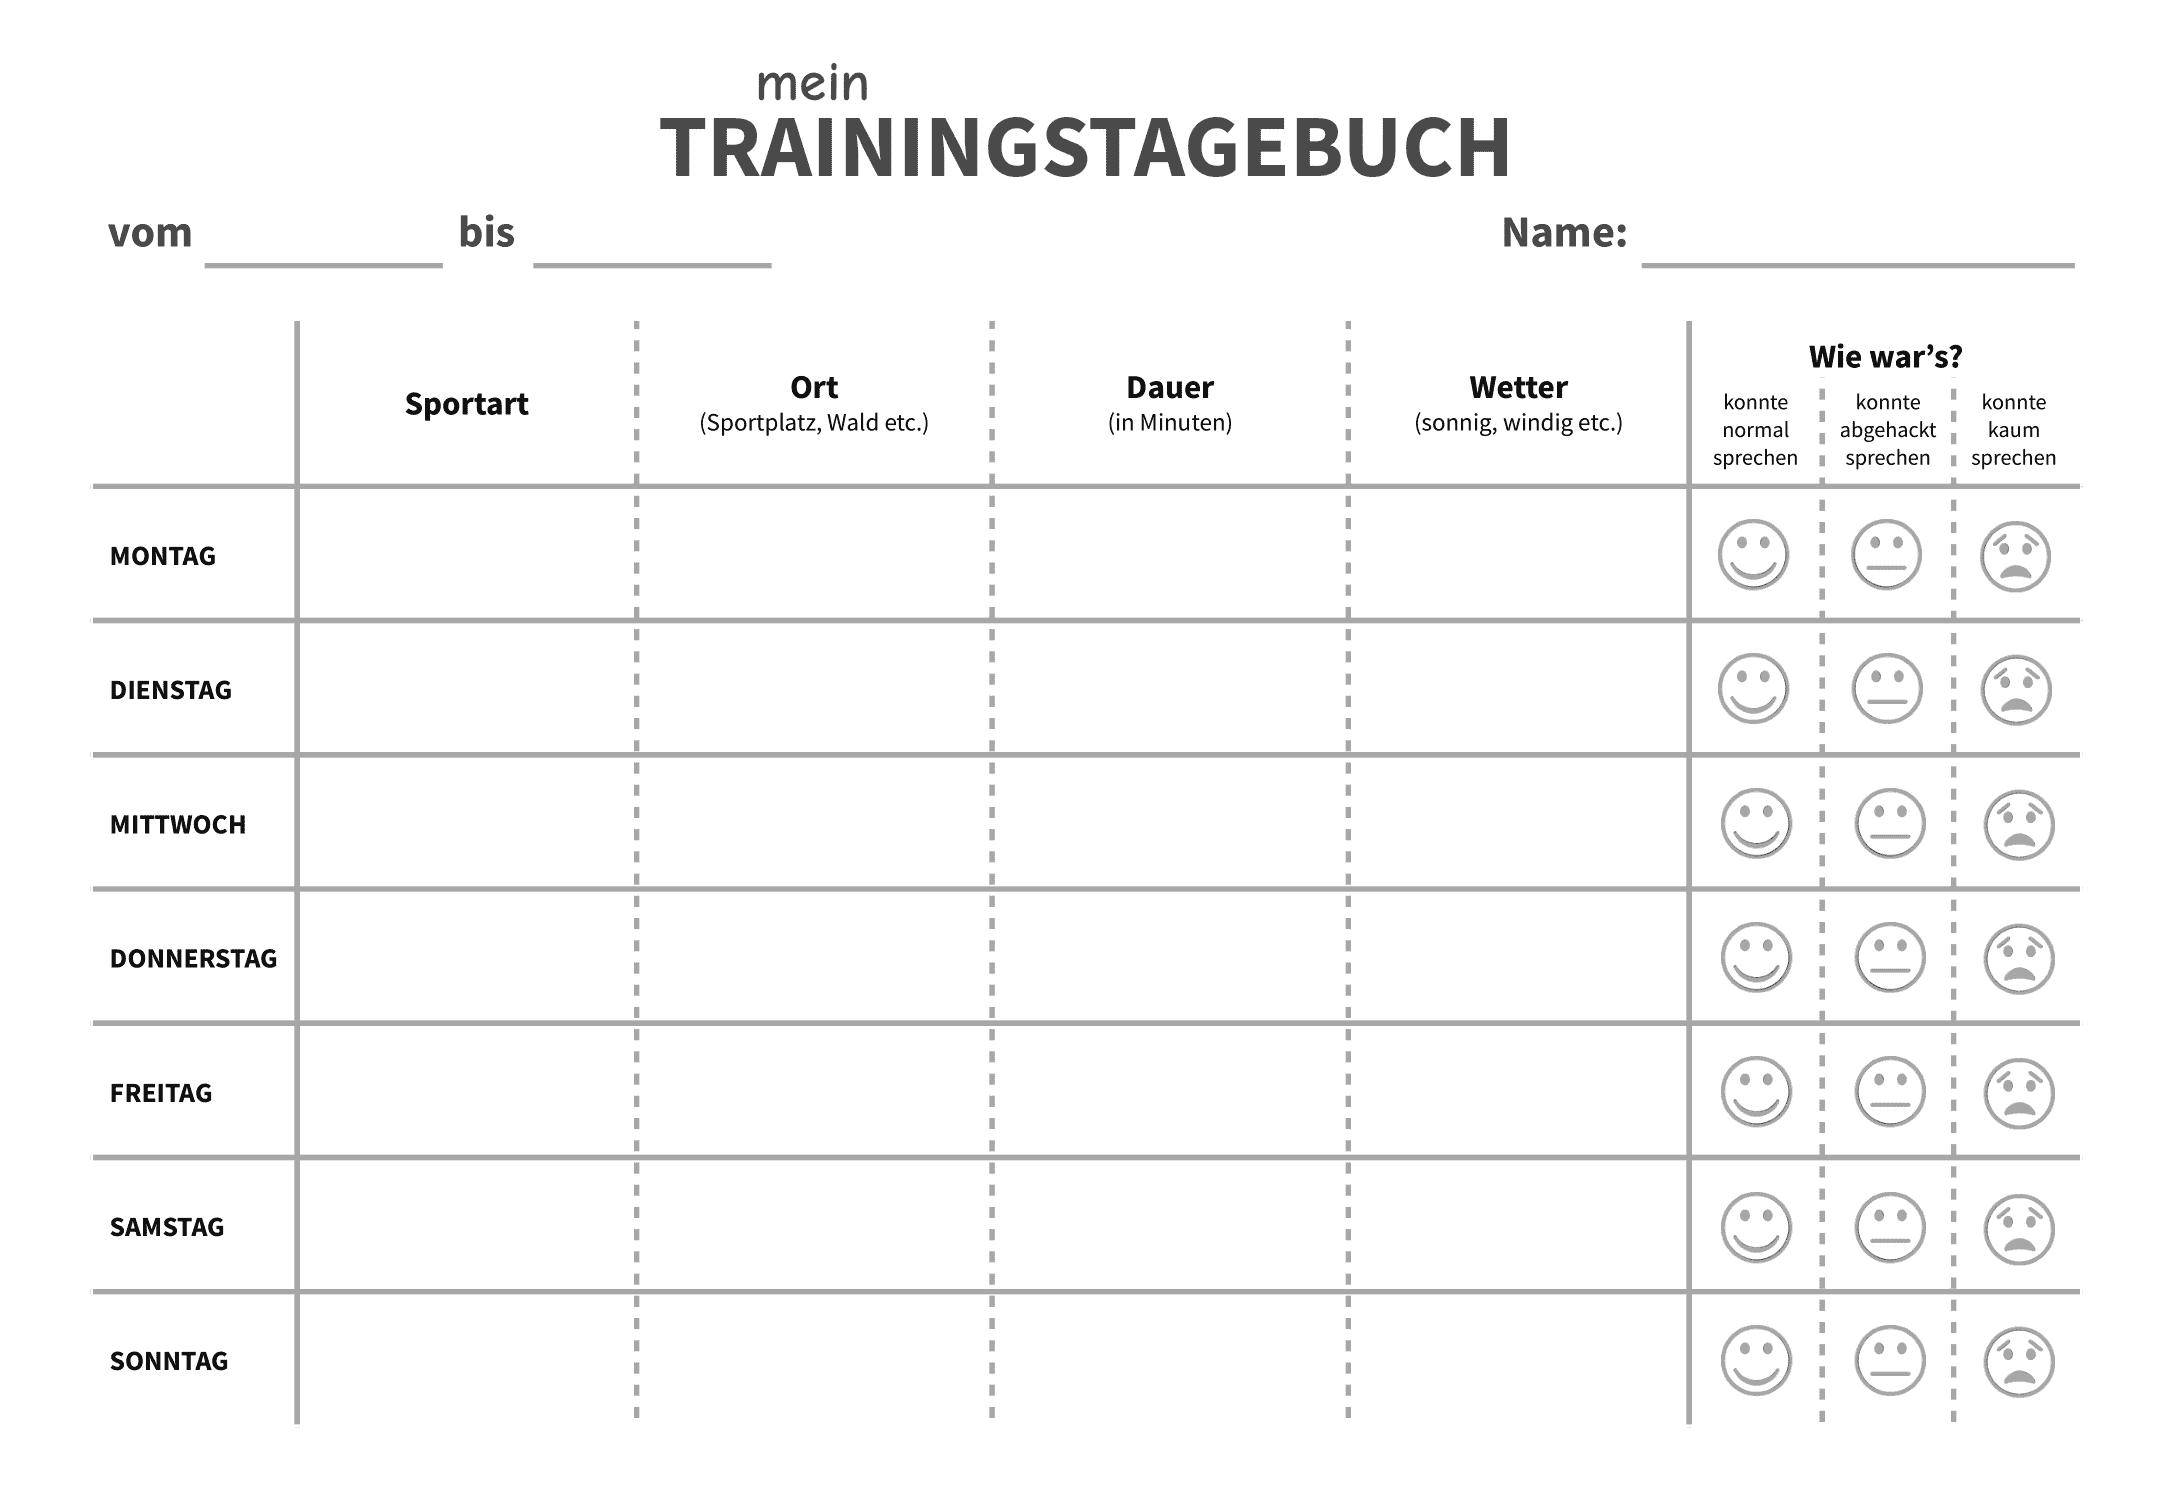 Vorlage - Trainingstagebuch für Kinder